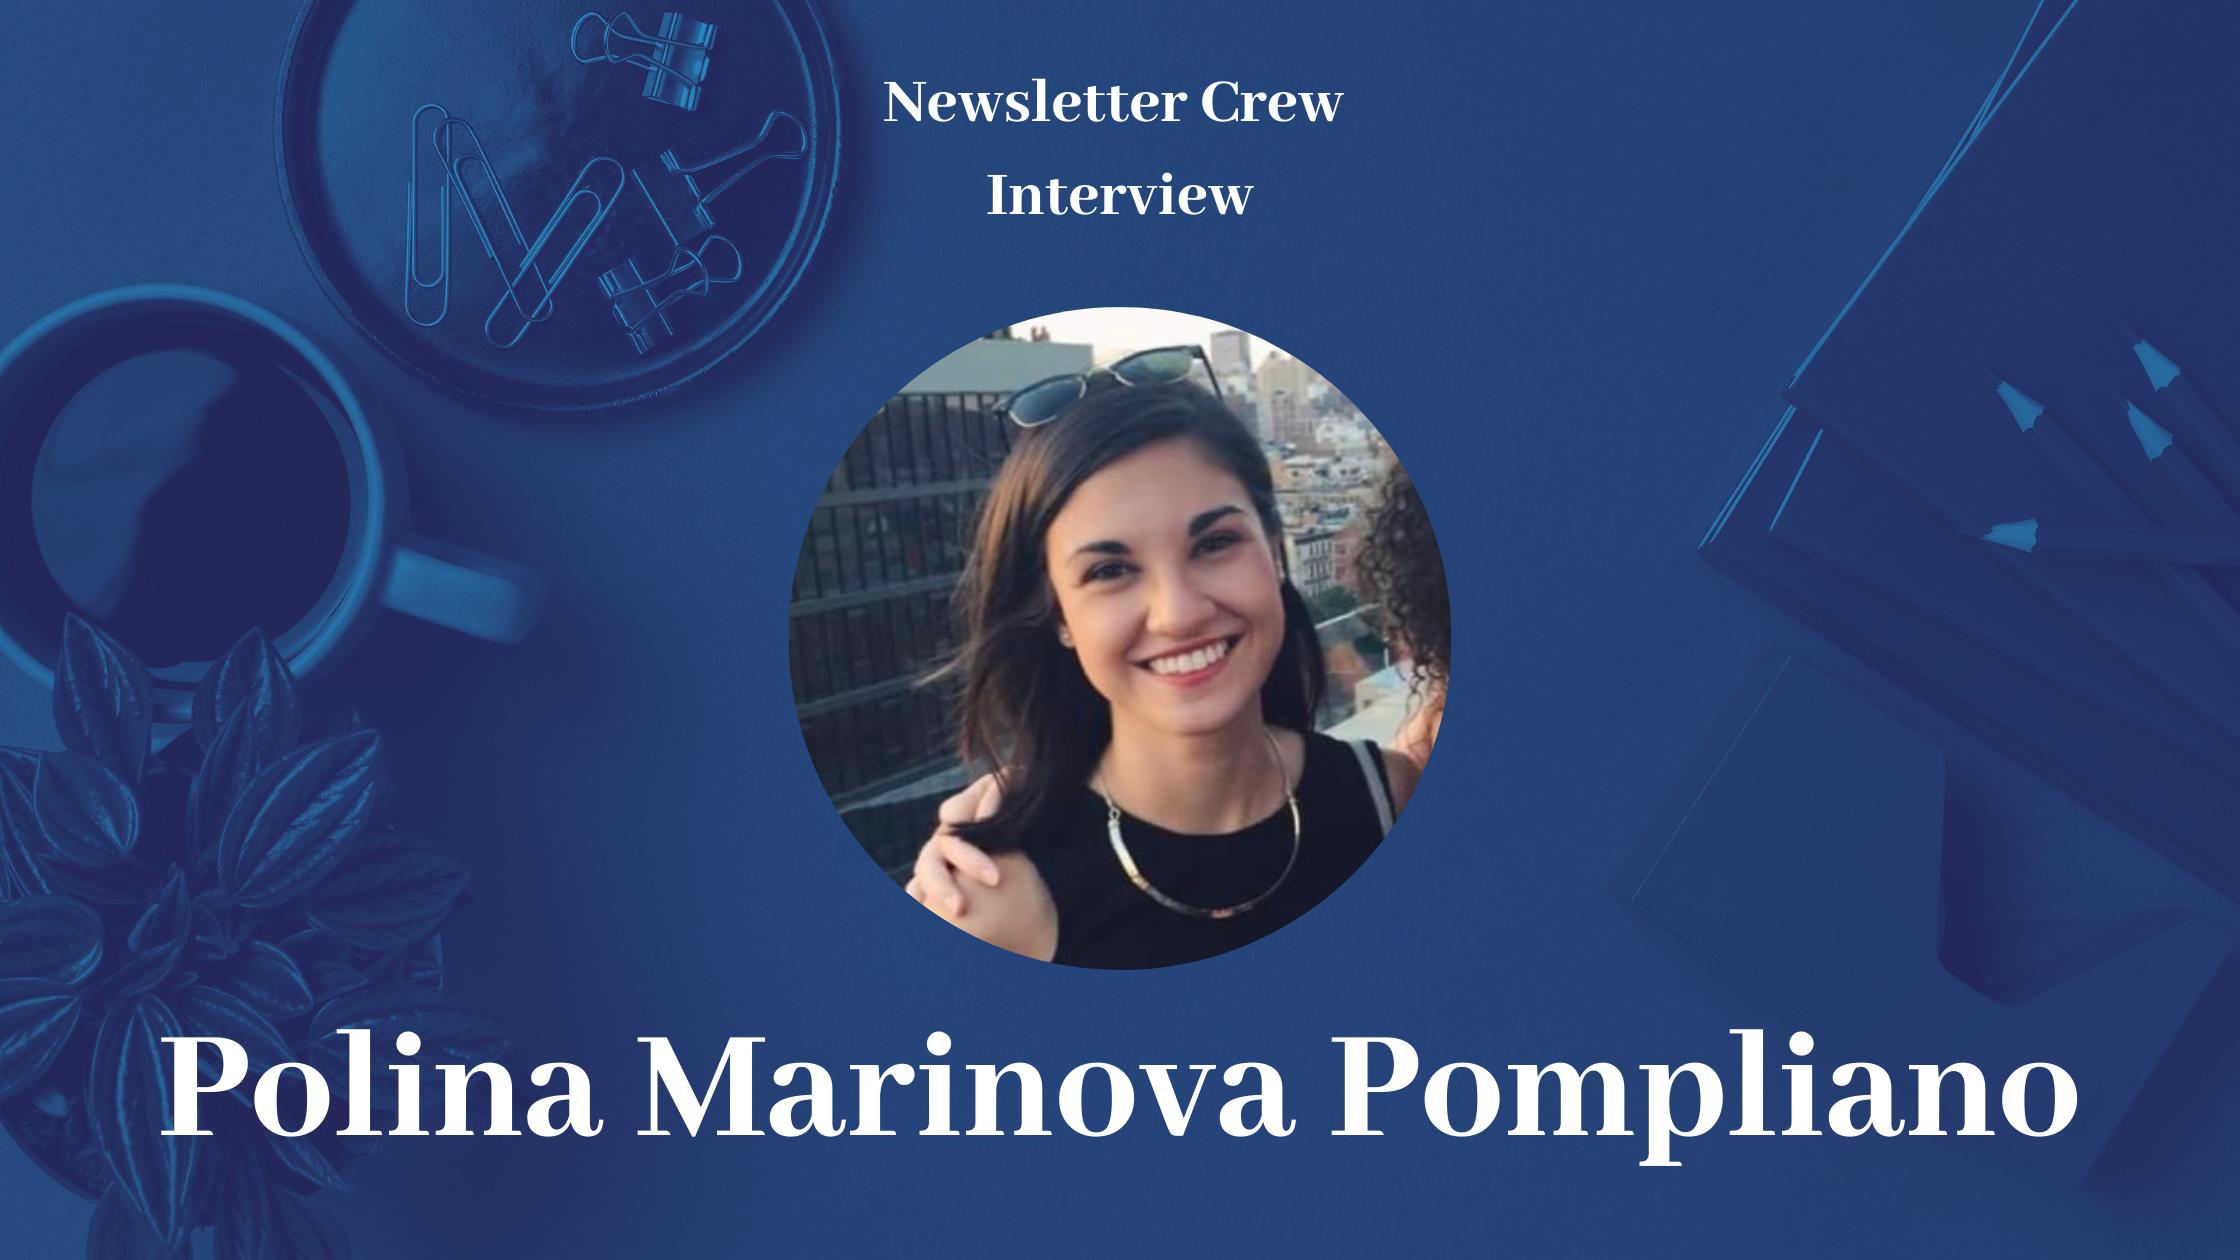 Three years of profiles with Polina Marinova Pompliano